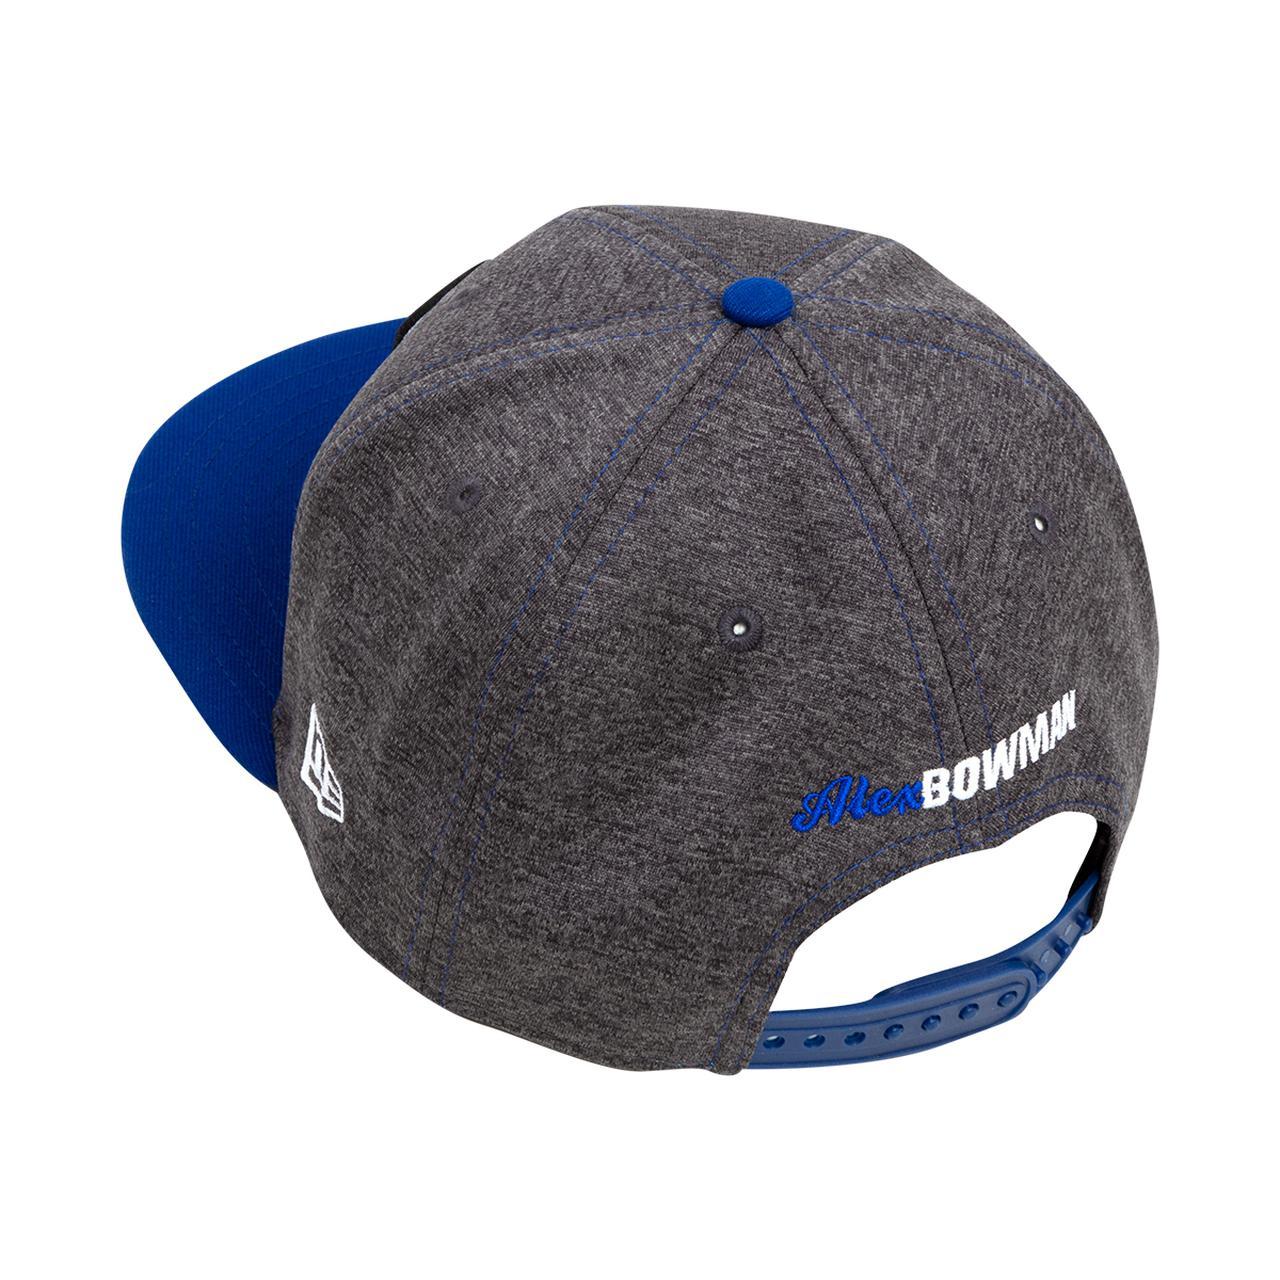 8e7a1108023 Alex Bowman 2018  88 Shadow Tech New Era 950 Hat